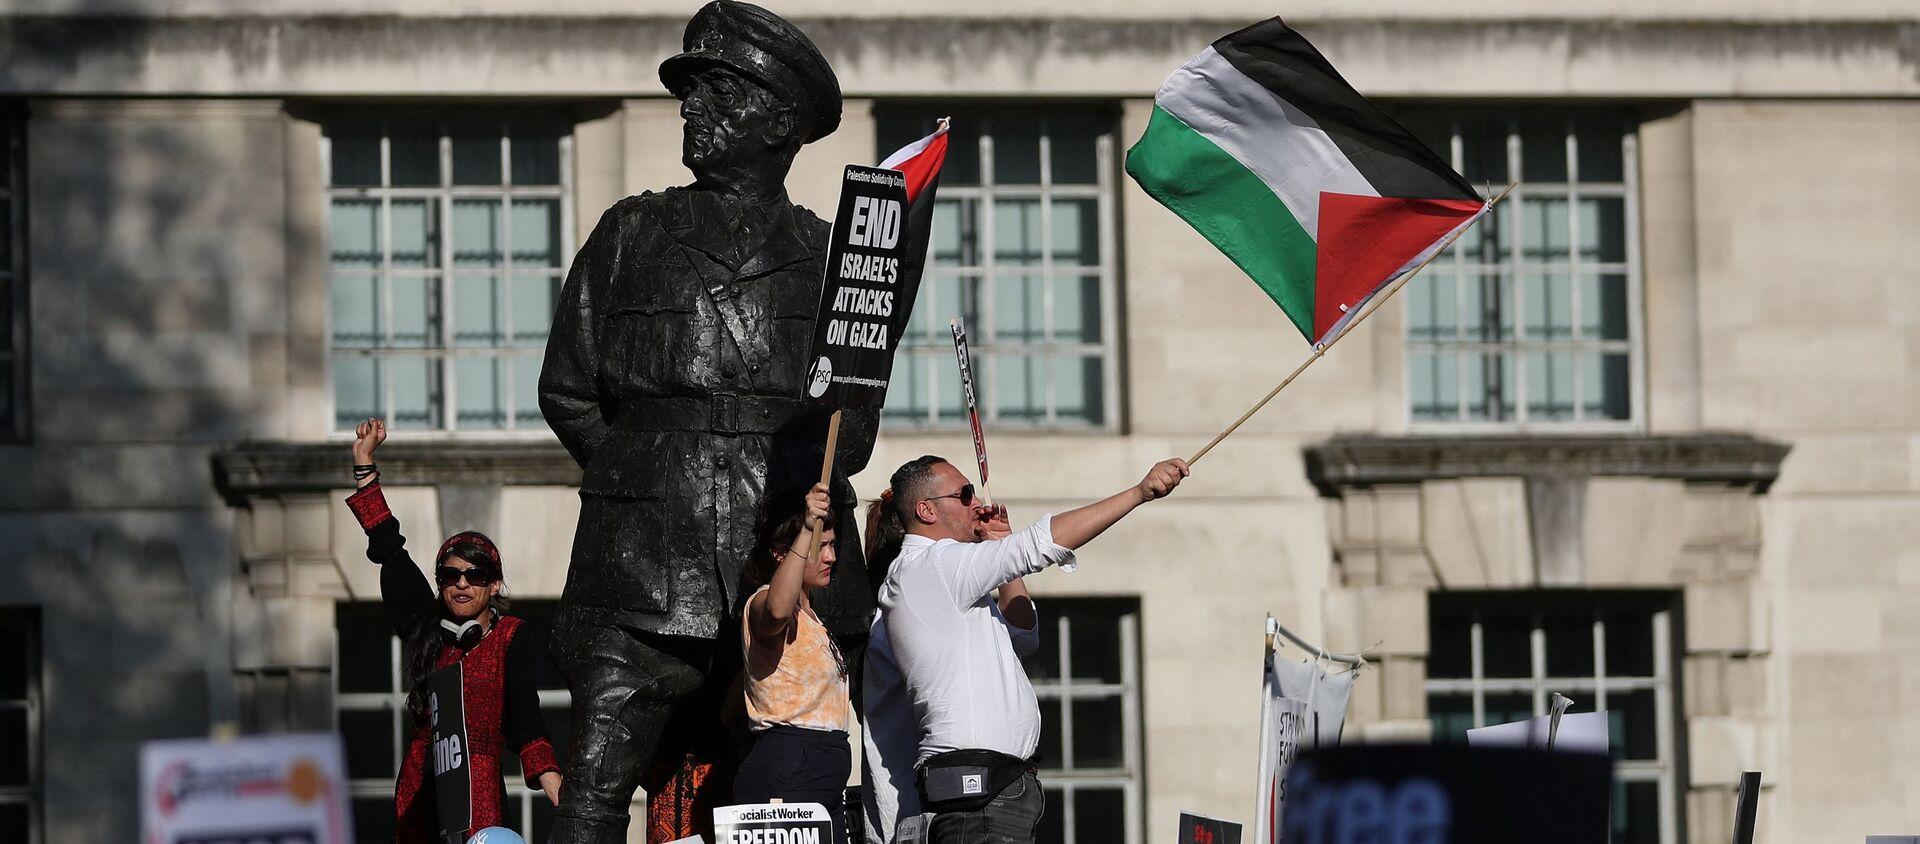 Protest podrške Palestini u Londonu. - Sputnik Srbija, 1920